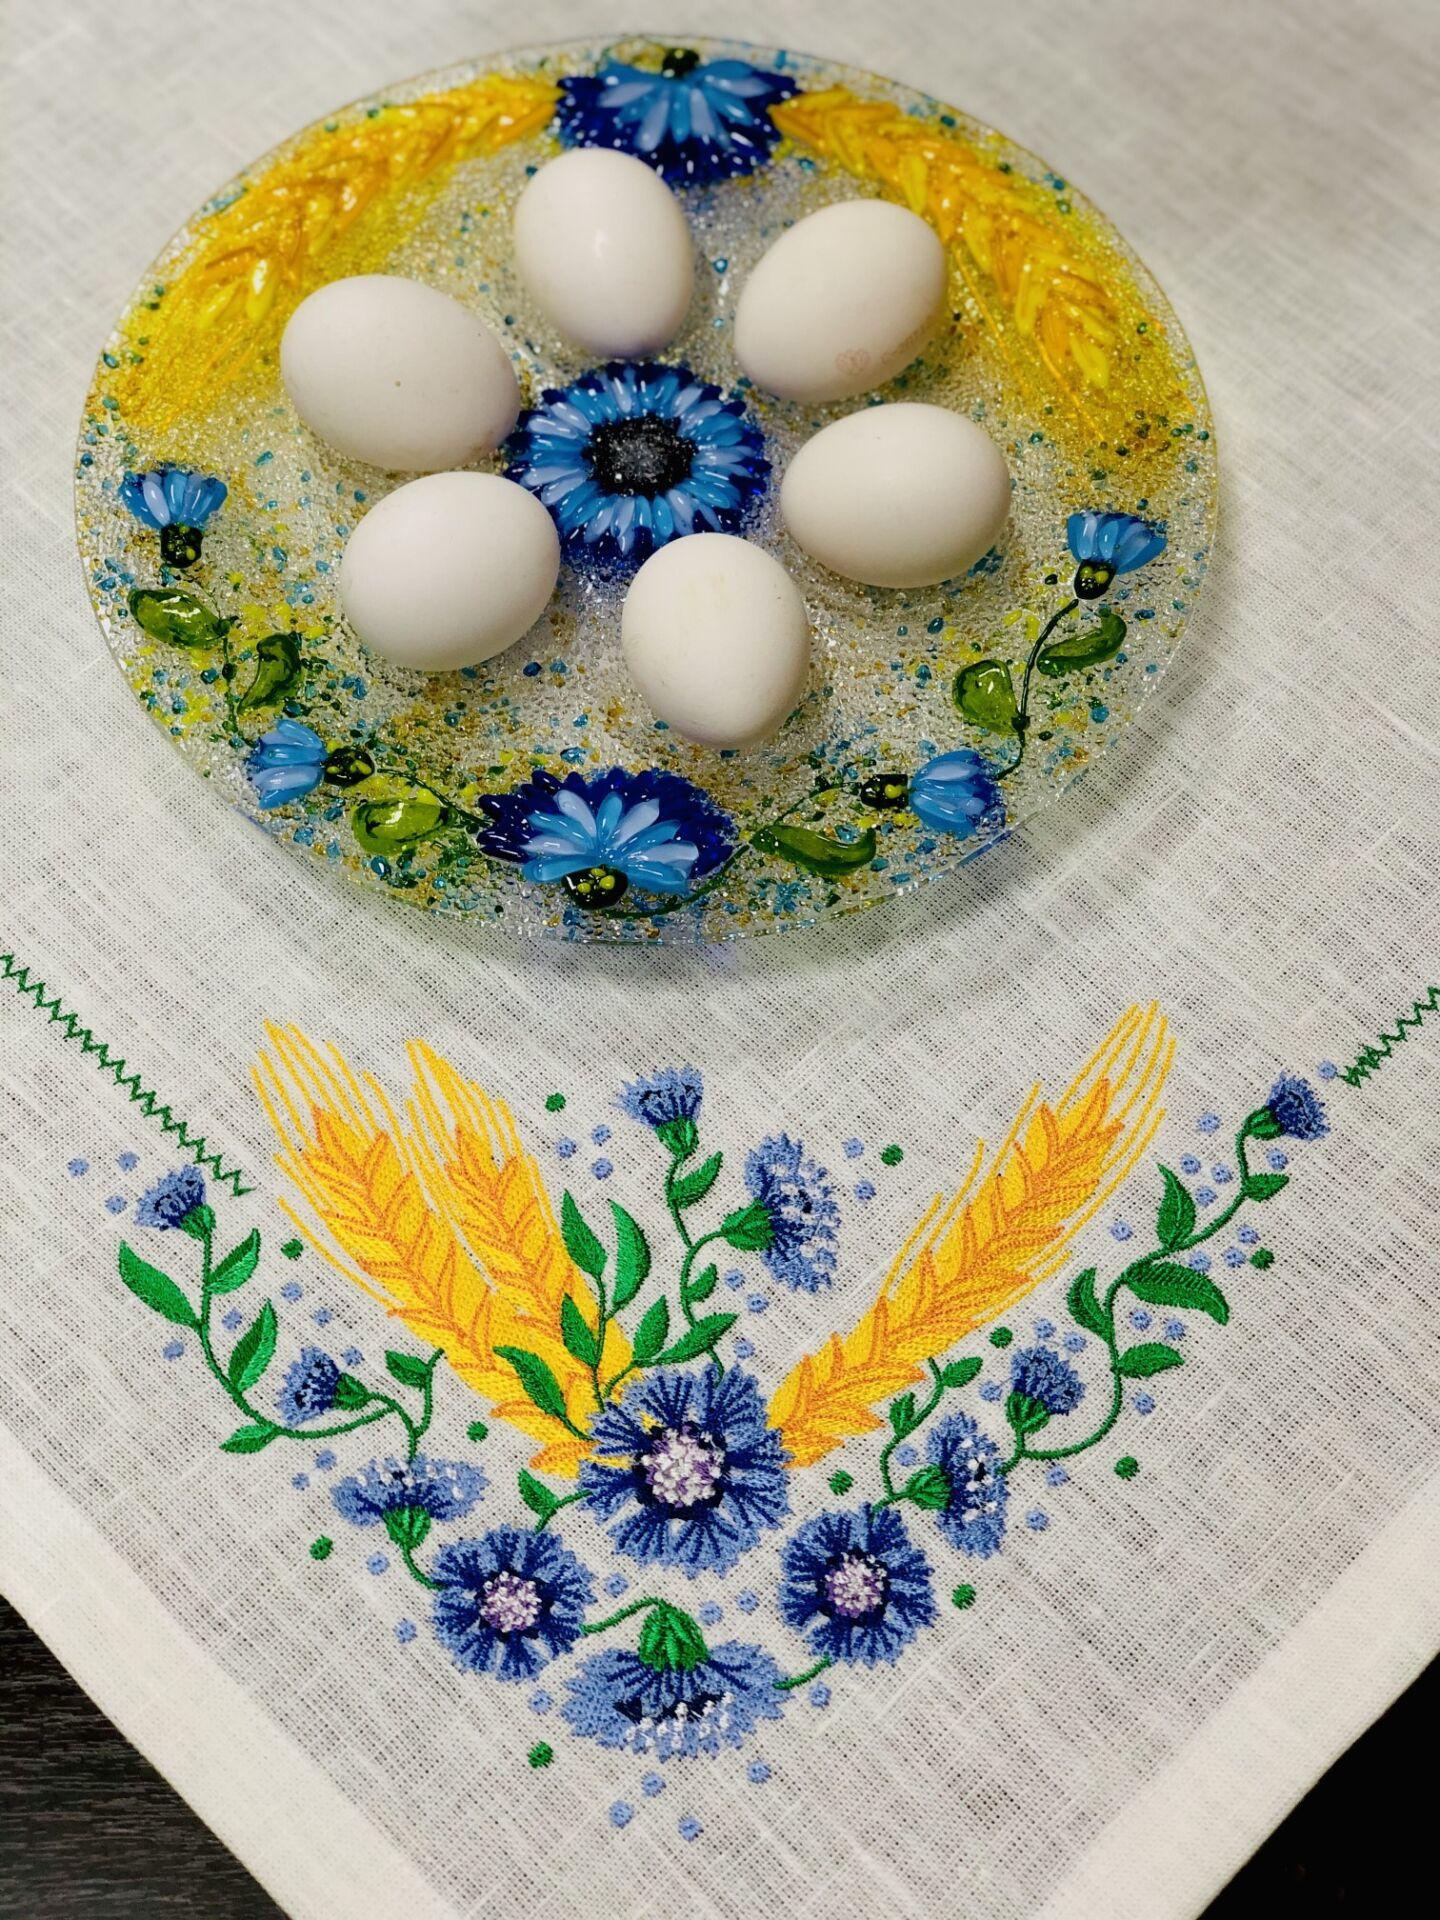 Подарочный набор «Васильки» круглое блюдо для яиц с льняной салфеткой, украшенной вышивкой.